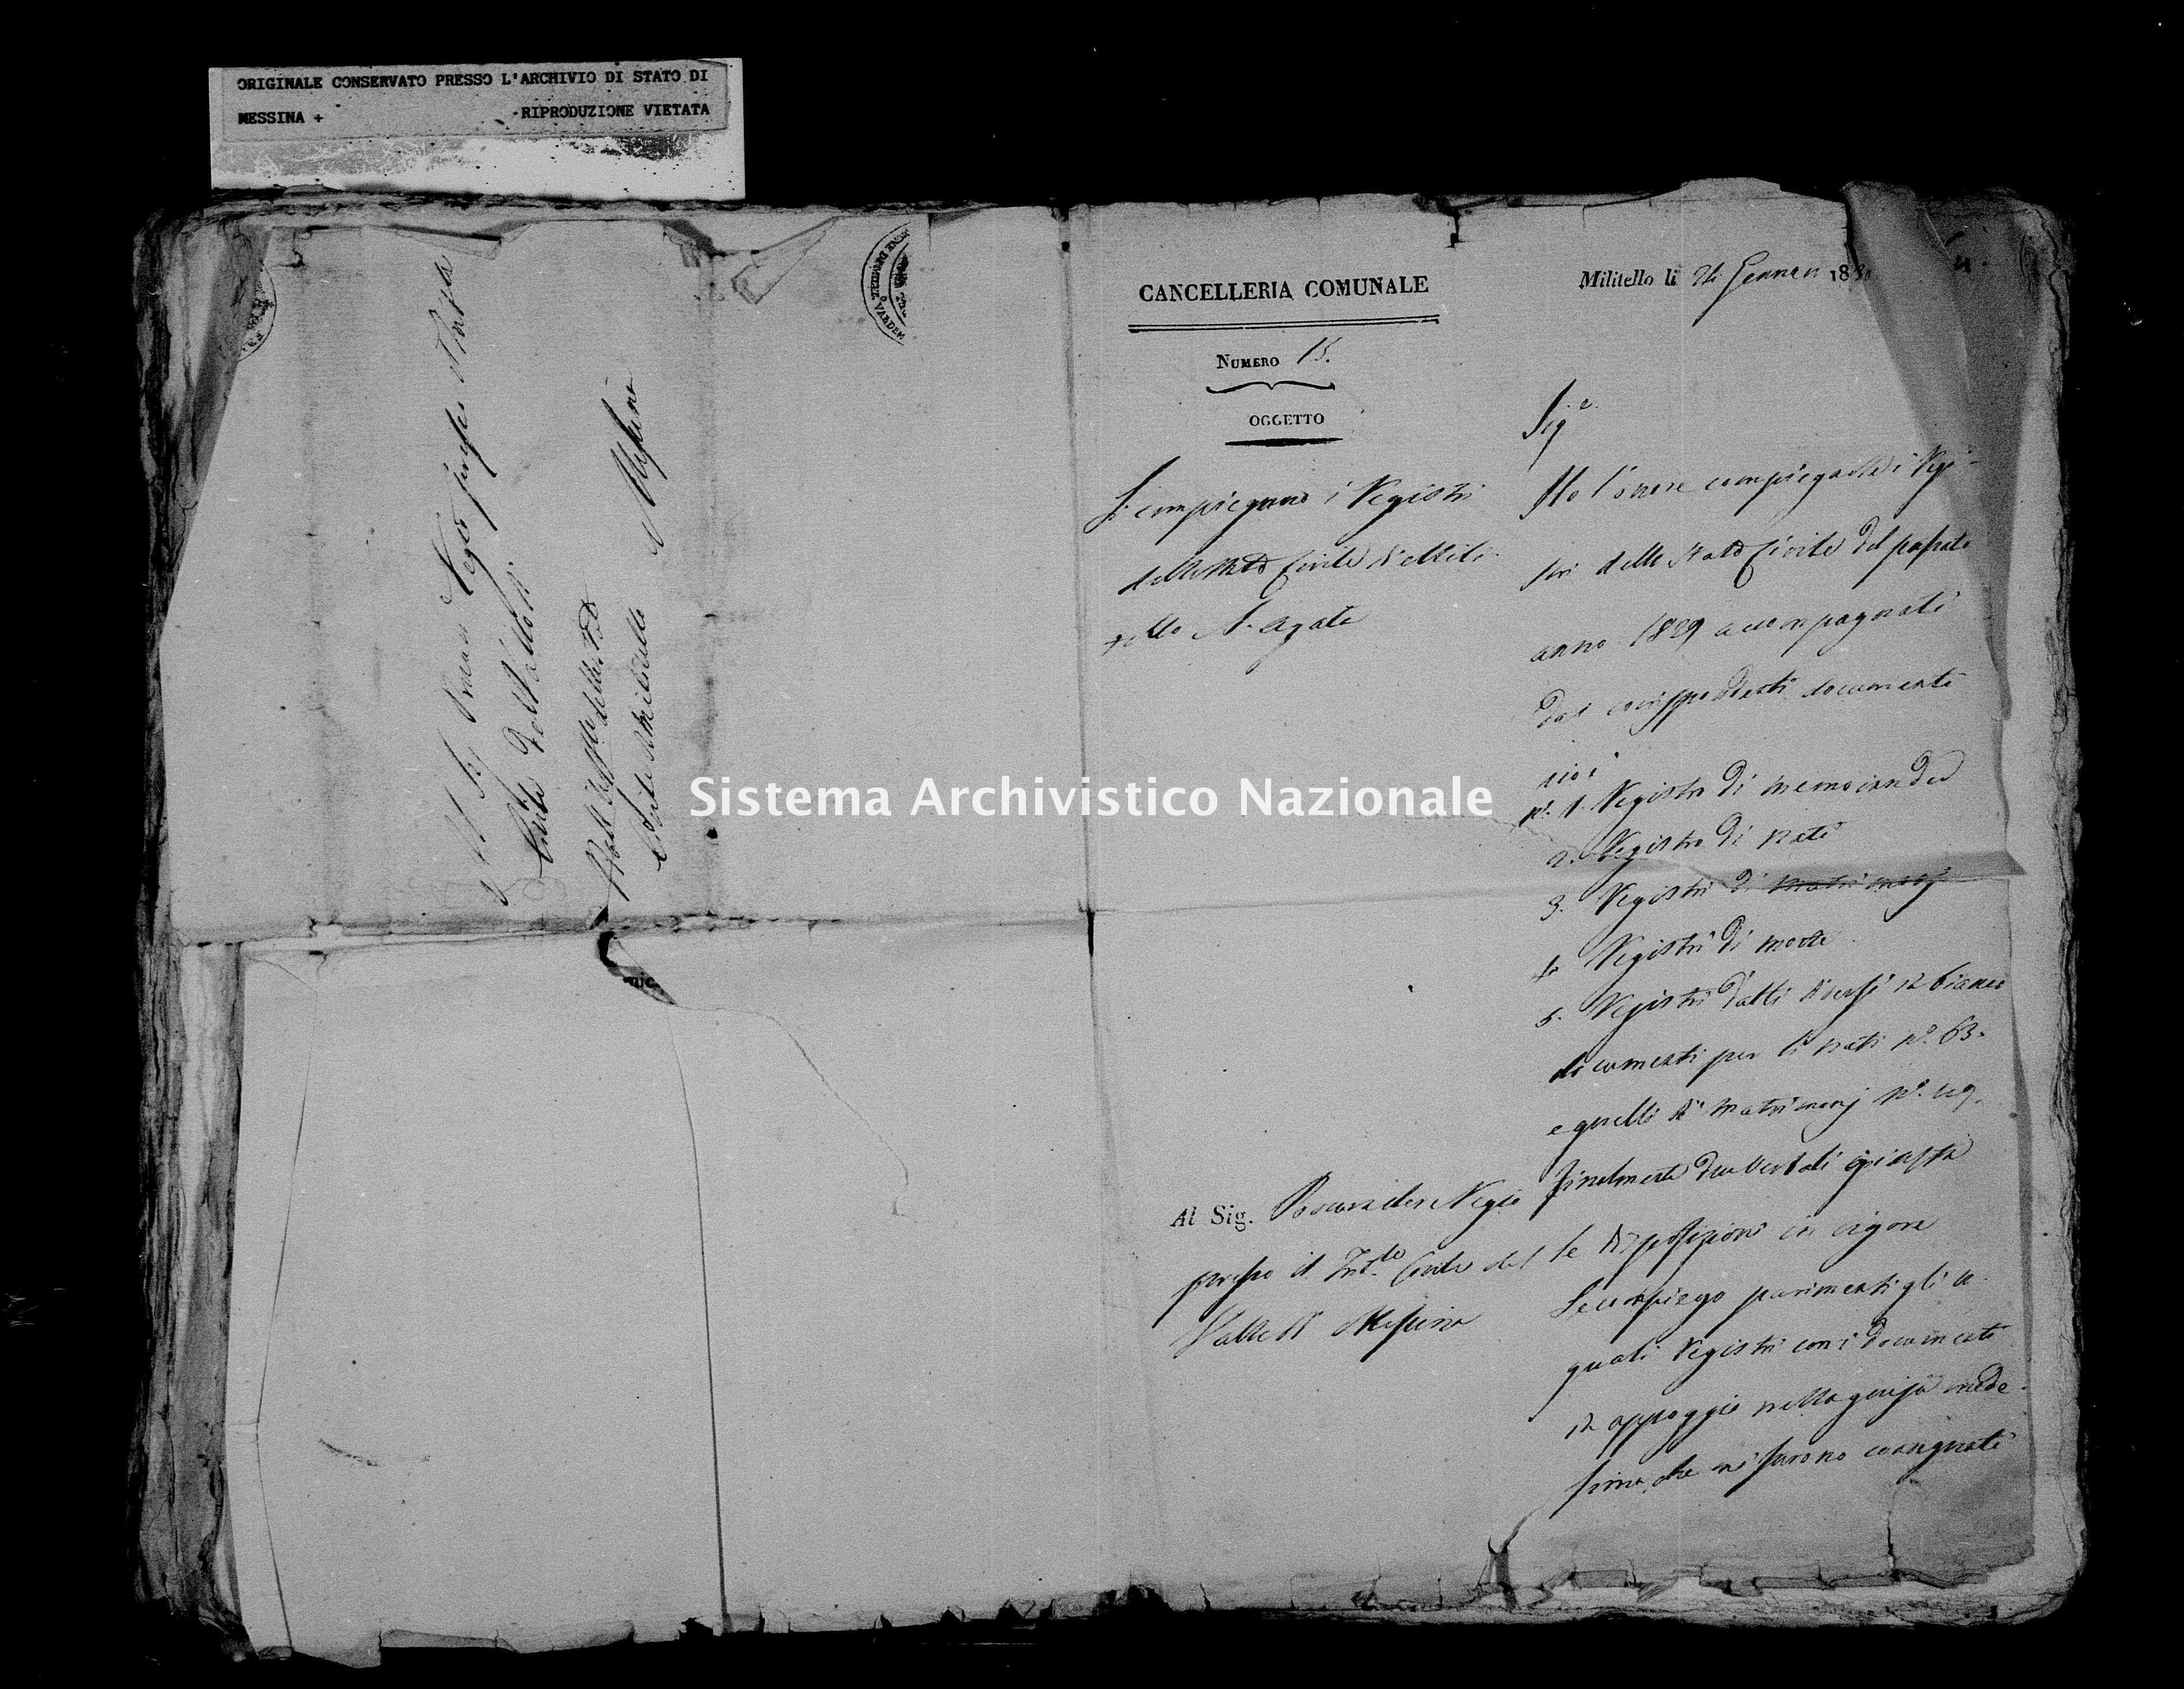 Archivio di stato di Messina - Stato civile della restaurazione - Militello - Inventario - 1829 - 736 -